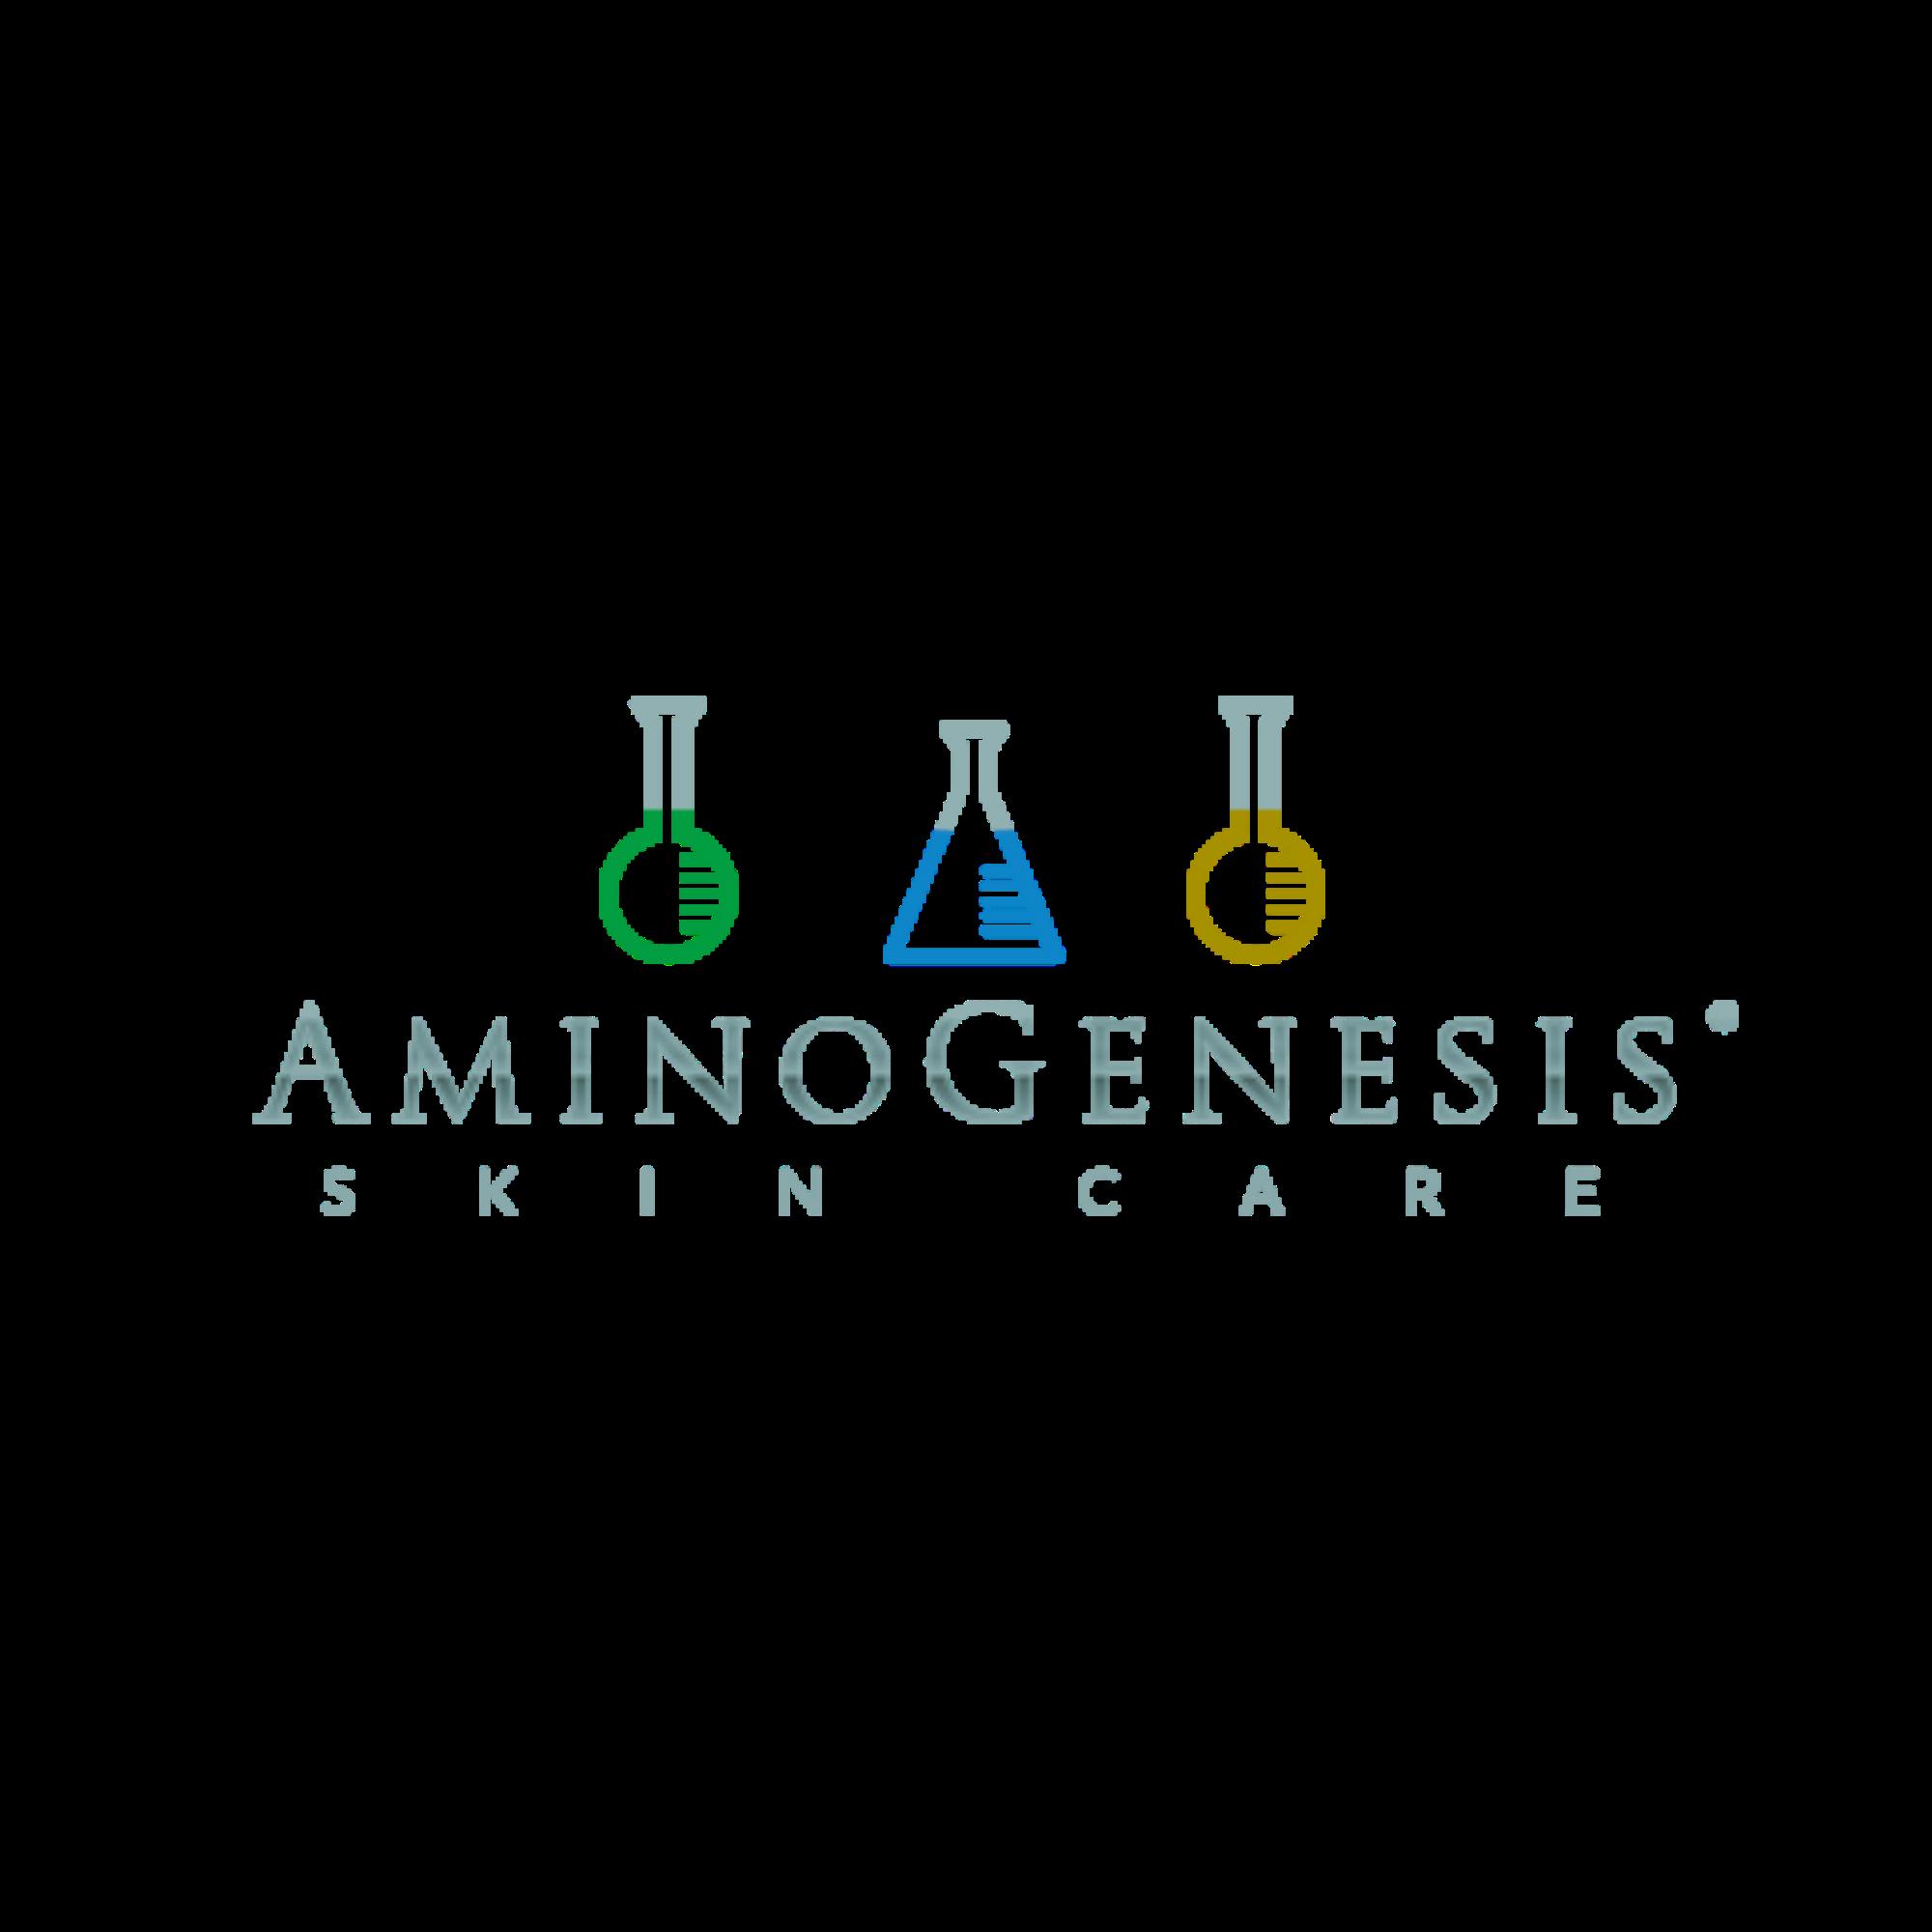 aminogenesis.png